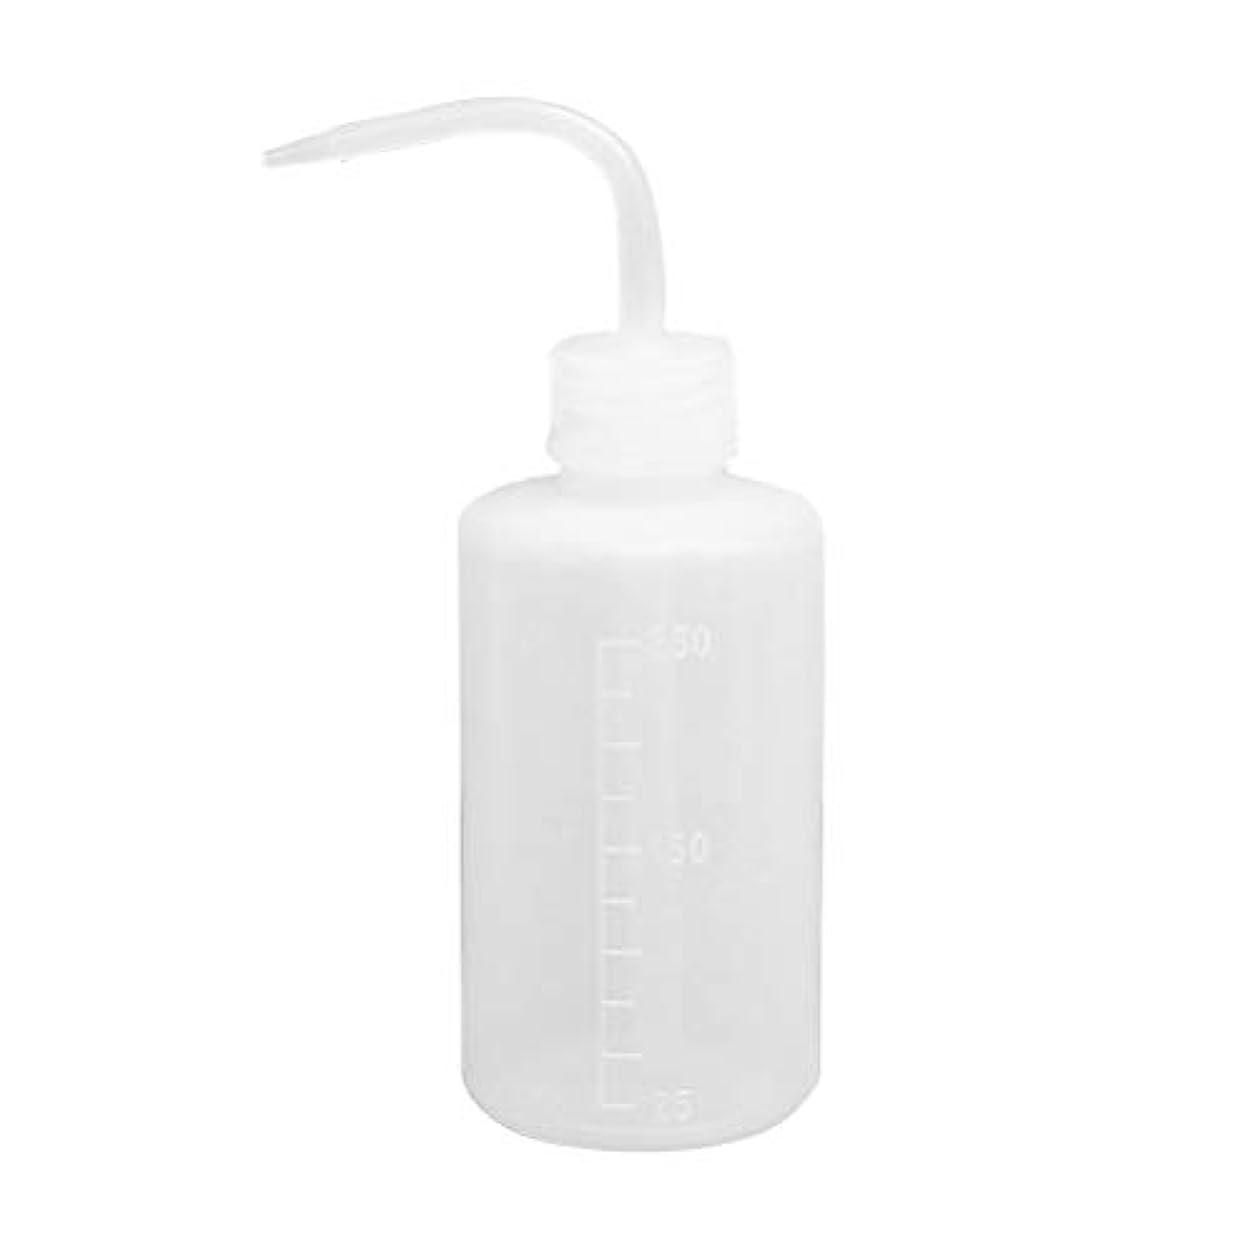 選出する考える引き潮Healifty ベント口付き洗浄瓶絞り瓶250ml